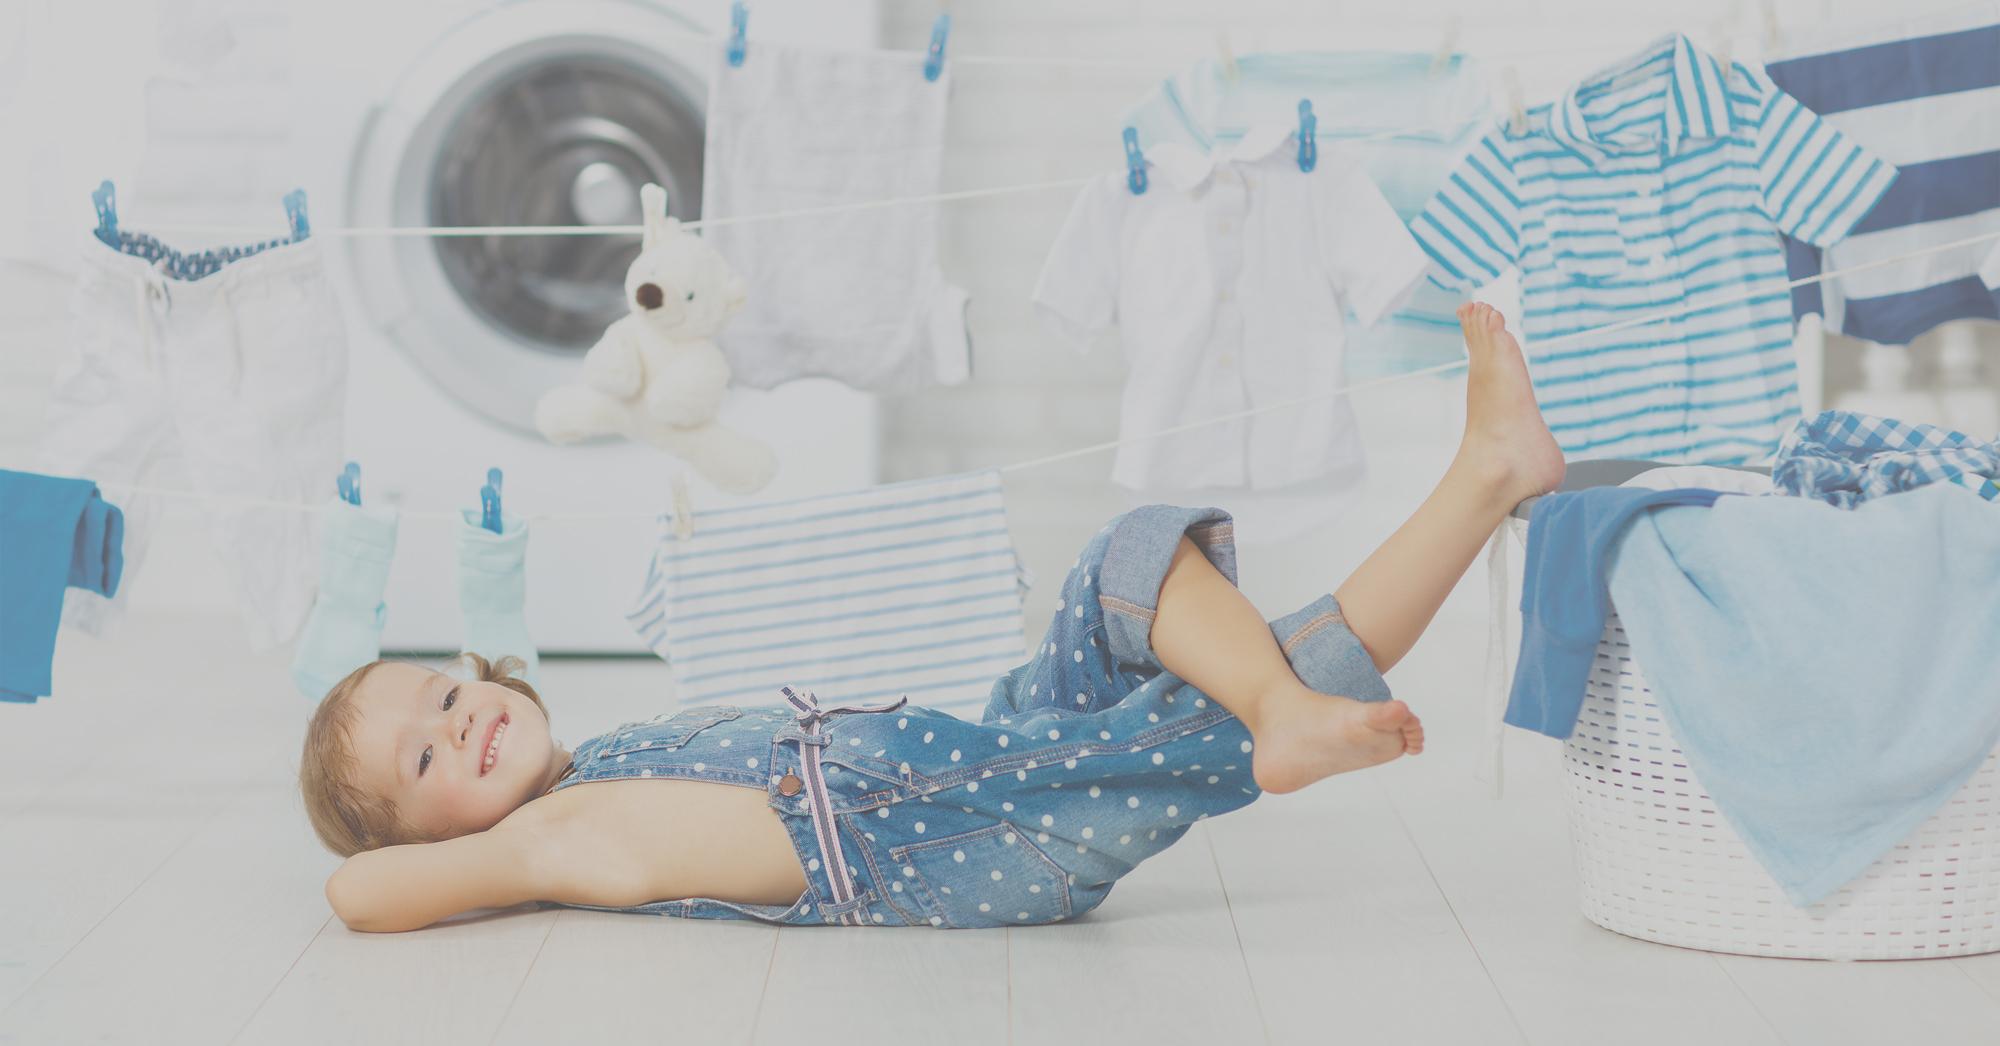 Conservanti: come scegliere detergenti sicuri